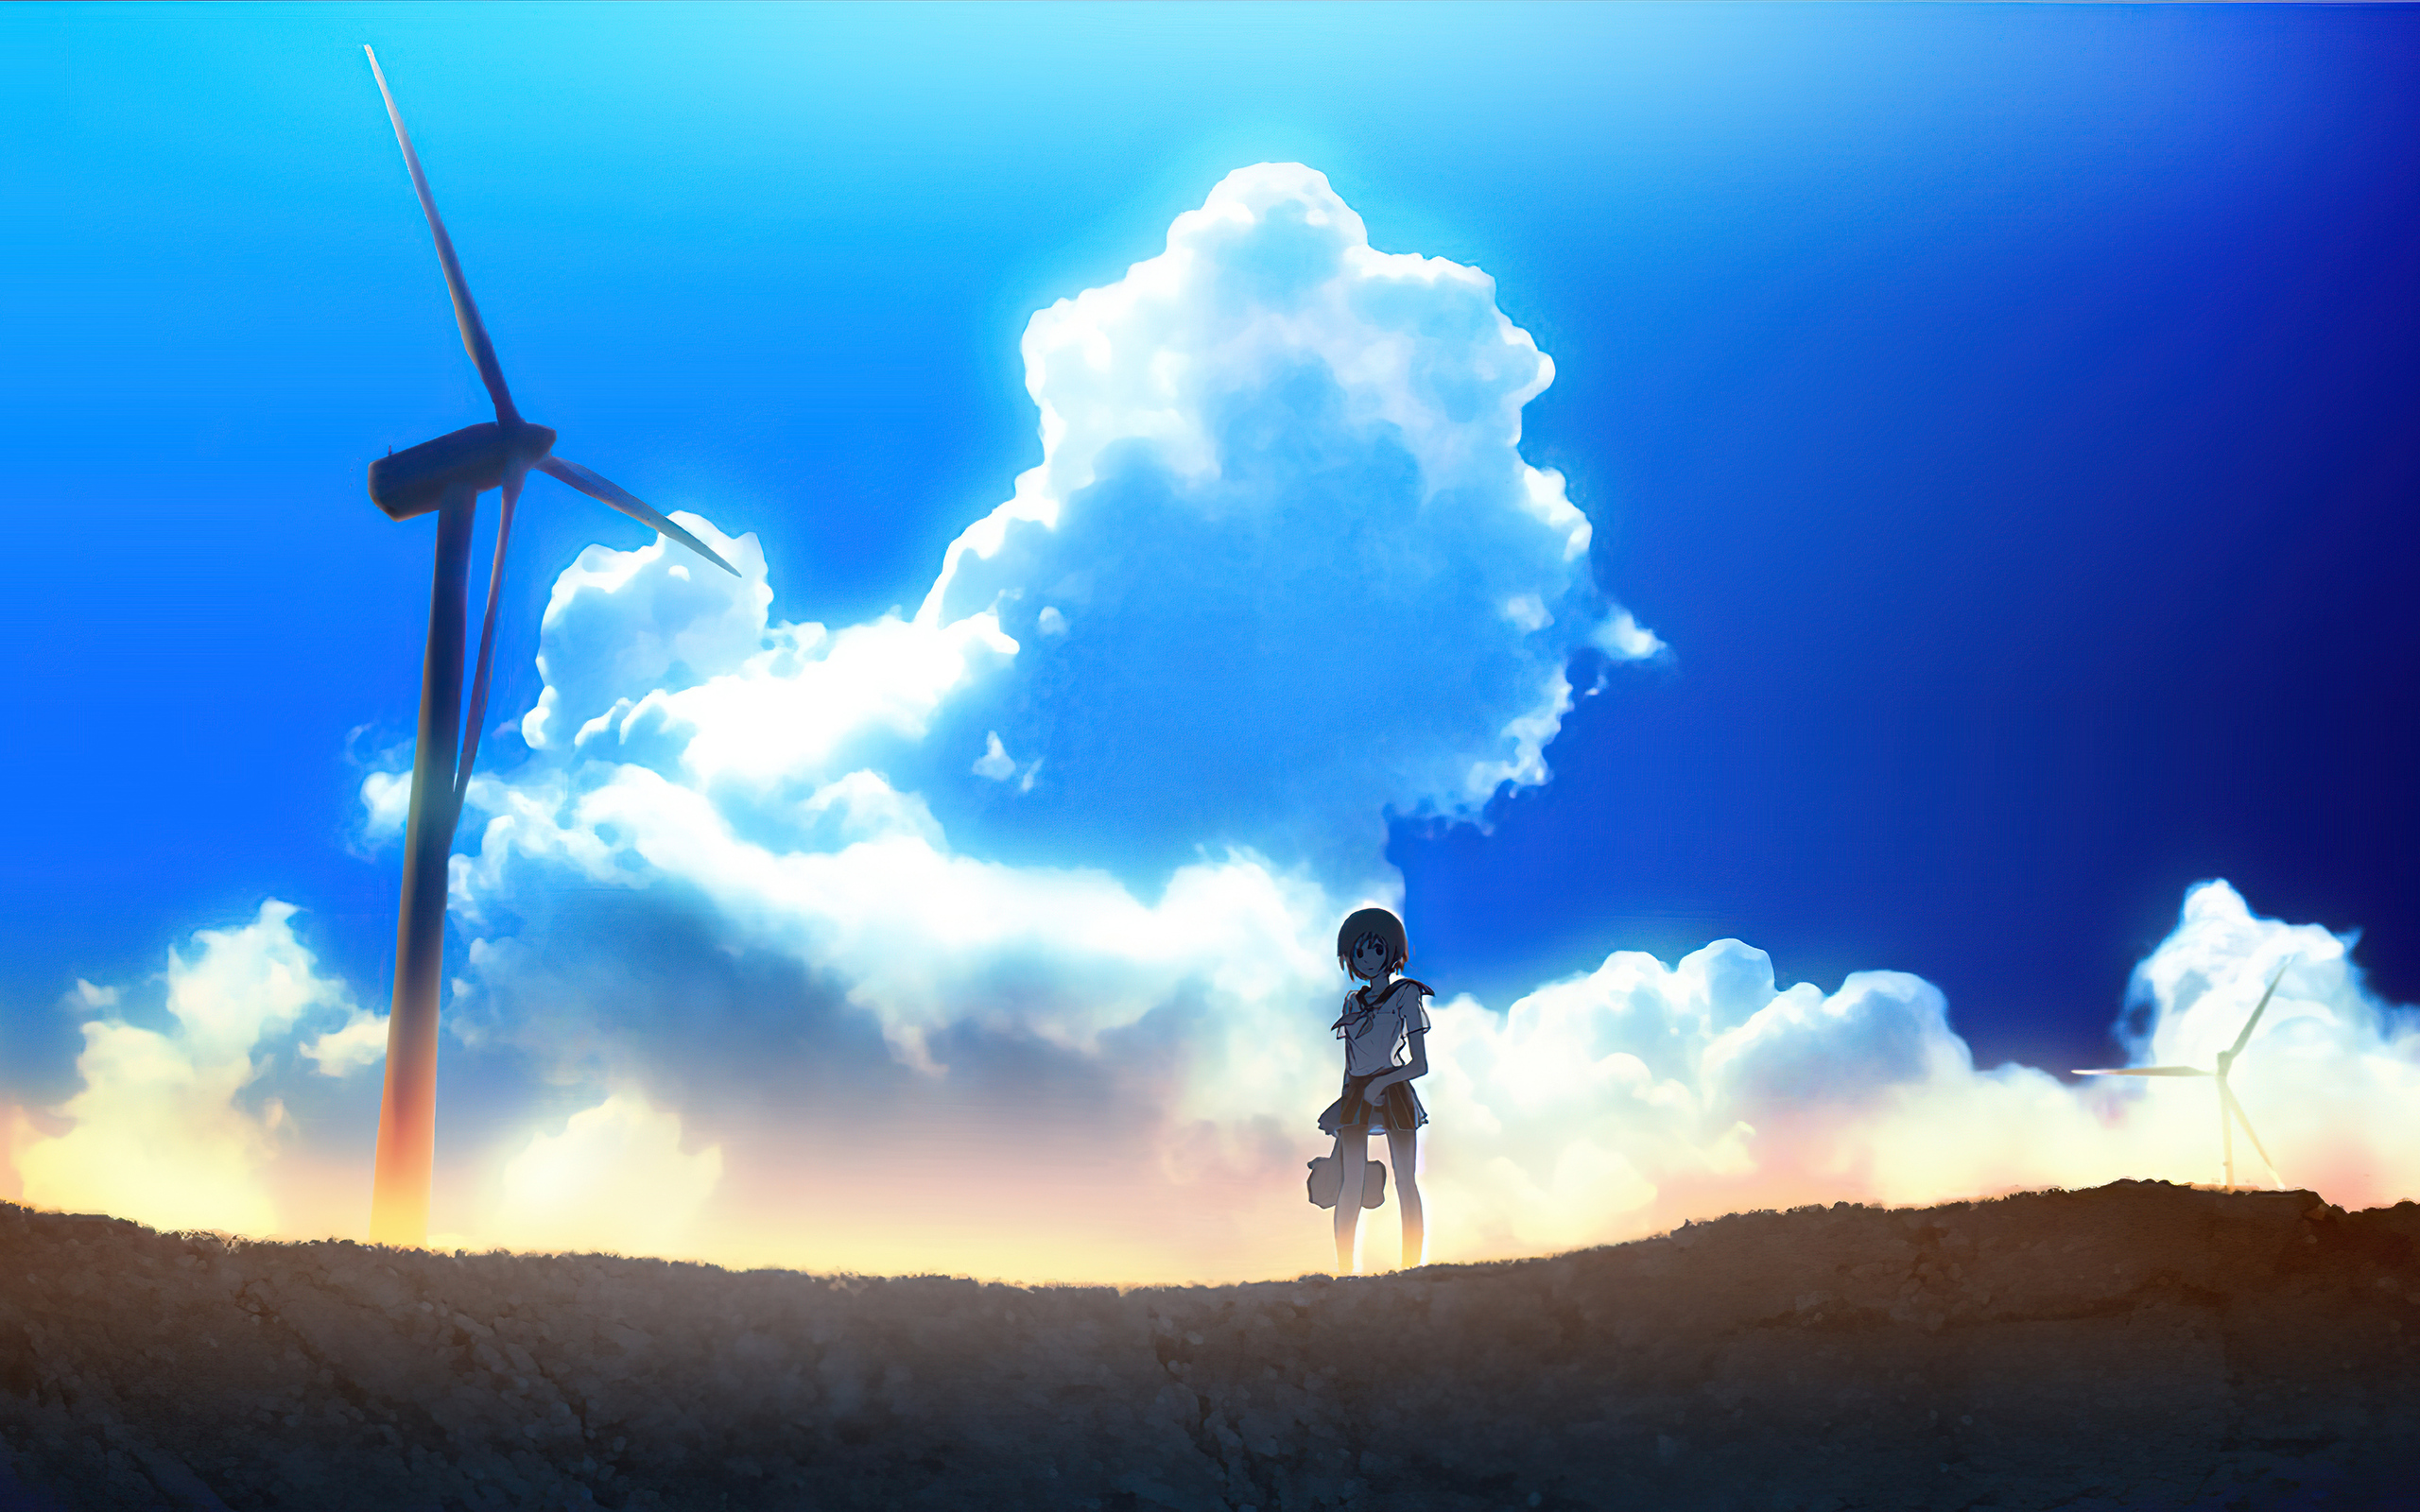 anime-girl-windmill-landscape-4k-9q.jpg